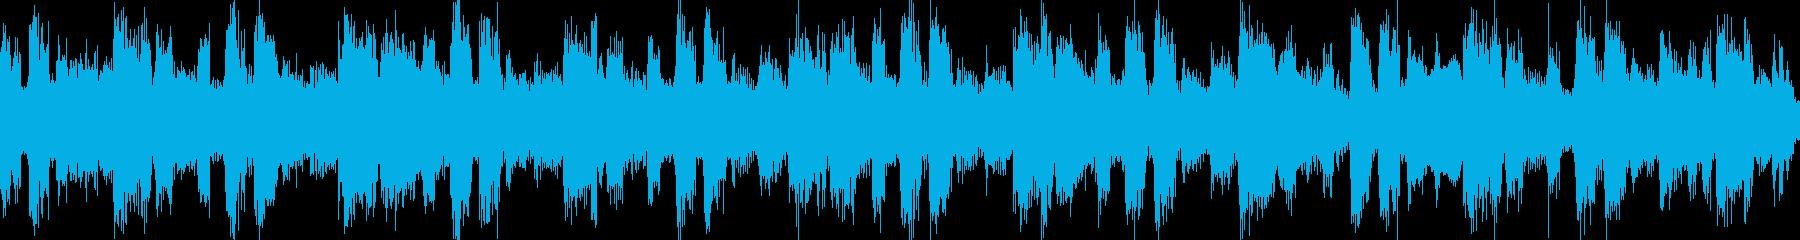 ループ:重い雰囲気のシーケンス16secの再生済みの波形